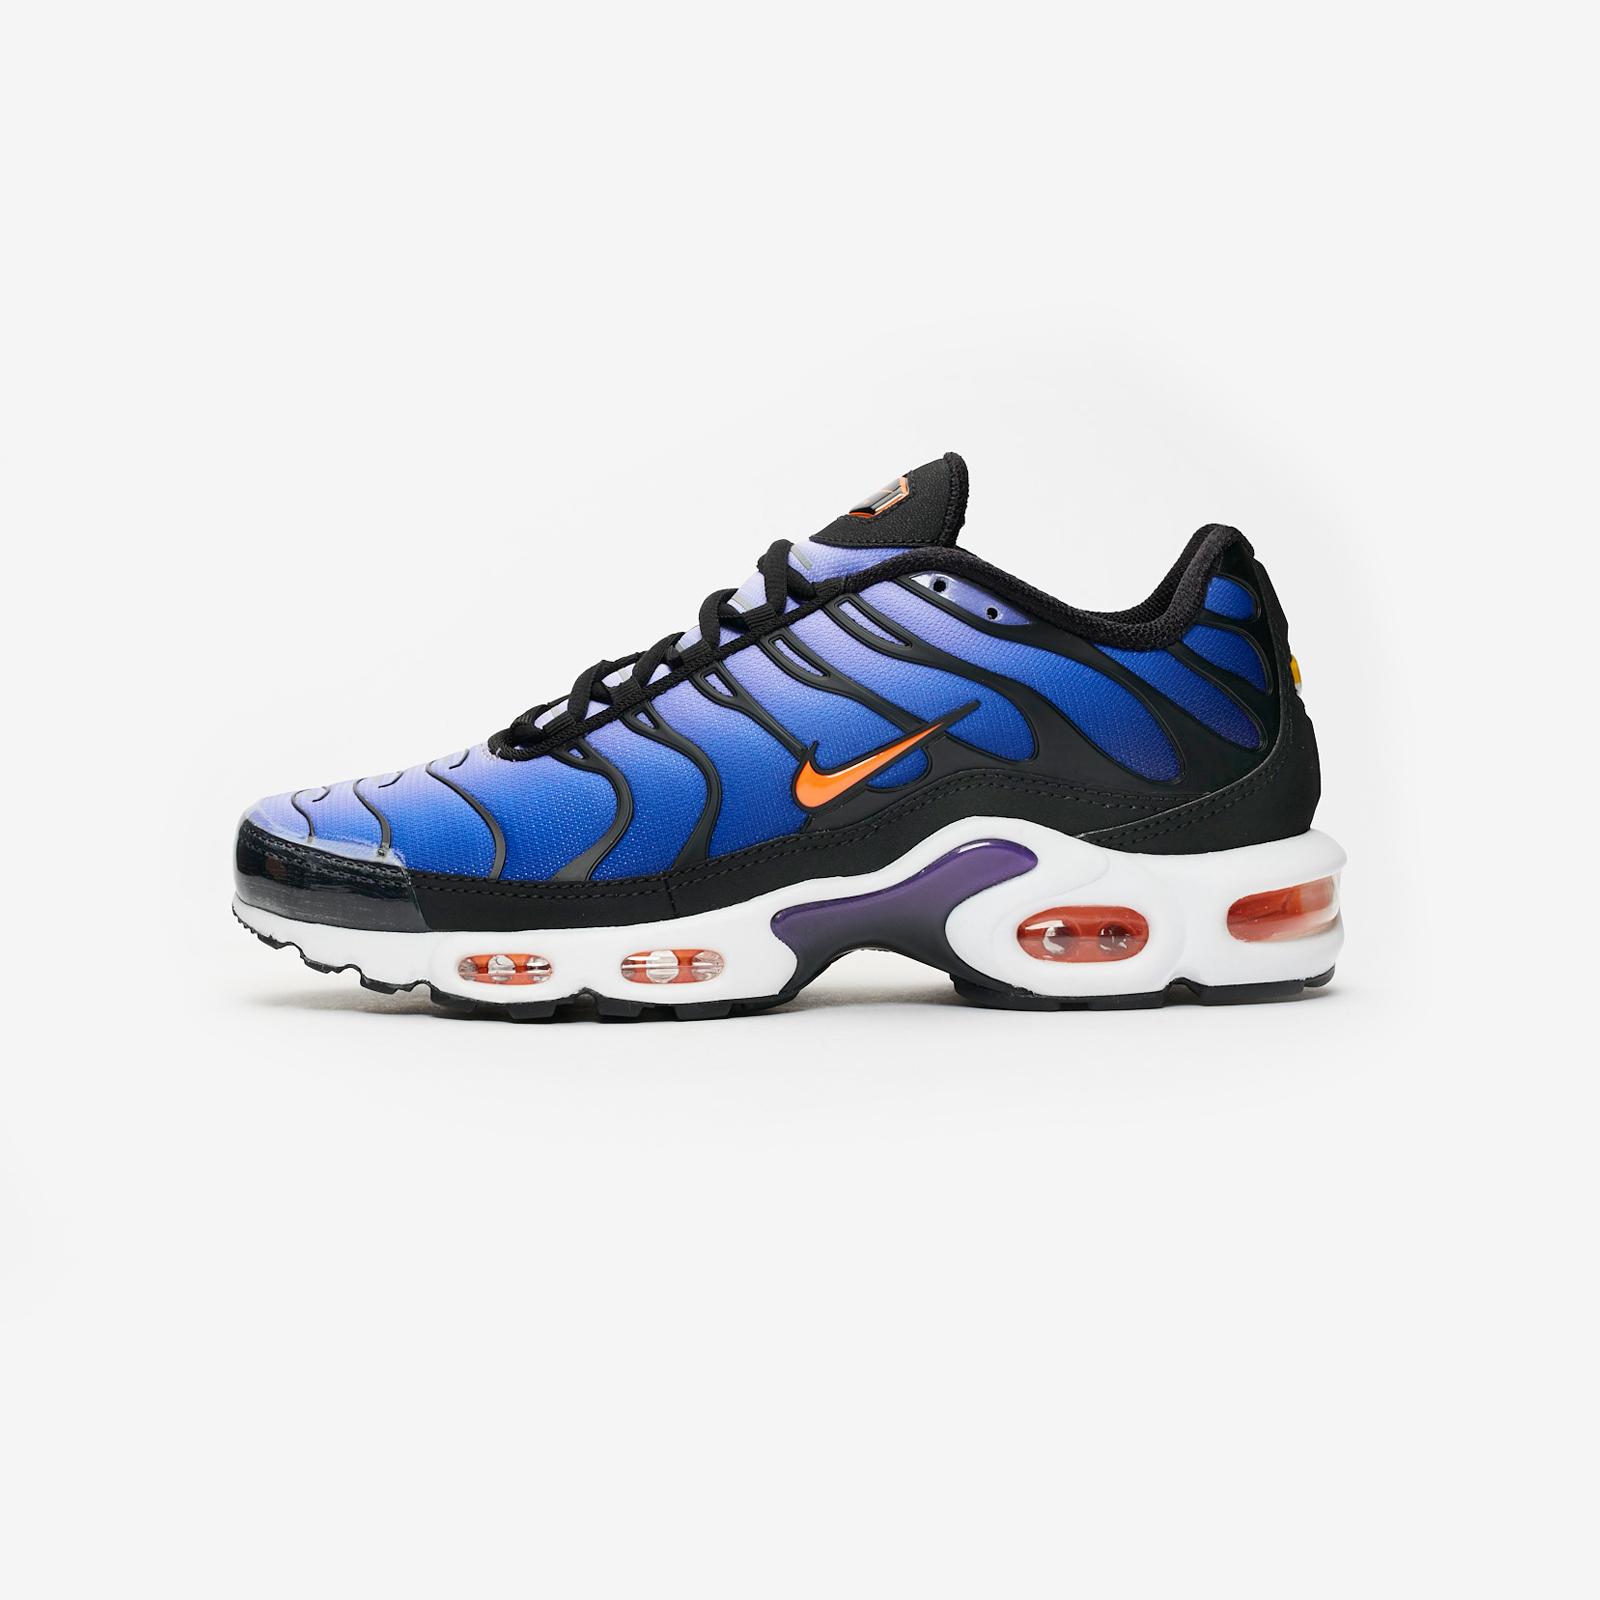 sale retailer 35fa0 c0ab4 Nike Air Max Plus OG - Bq4629-002 - Sneakersnstuff   sneakers   streetwear  online since 1999